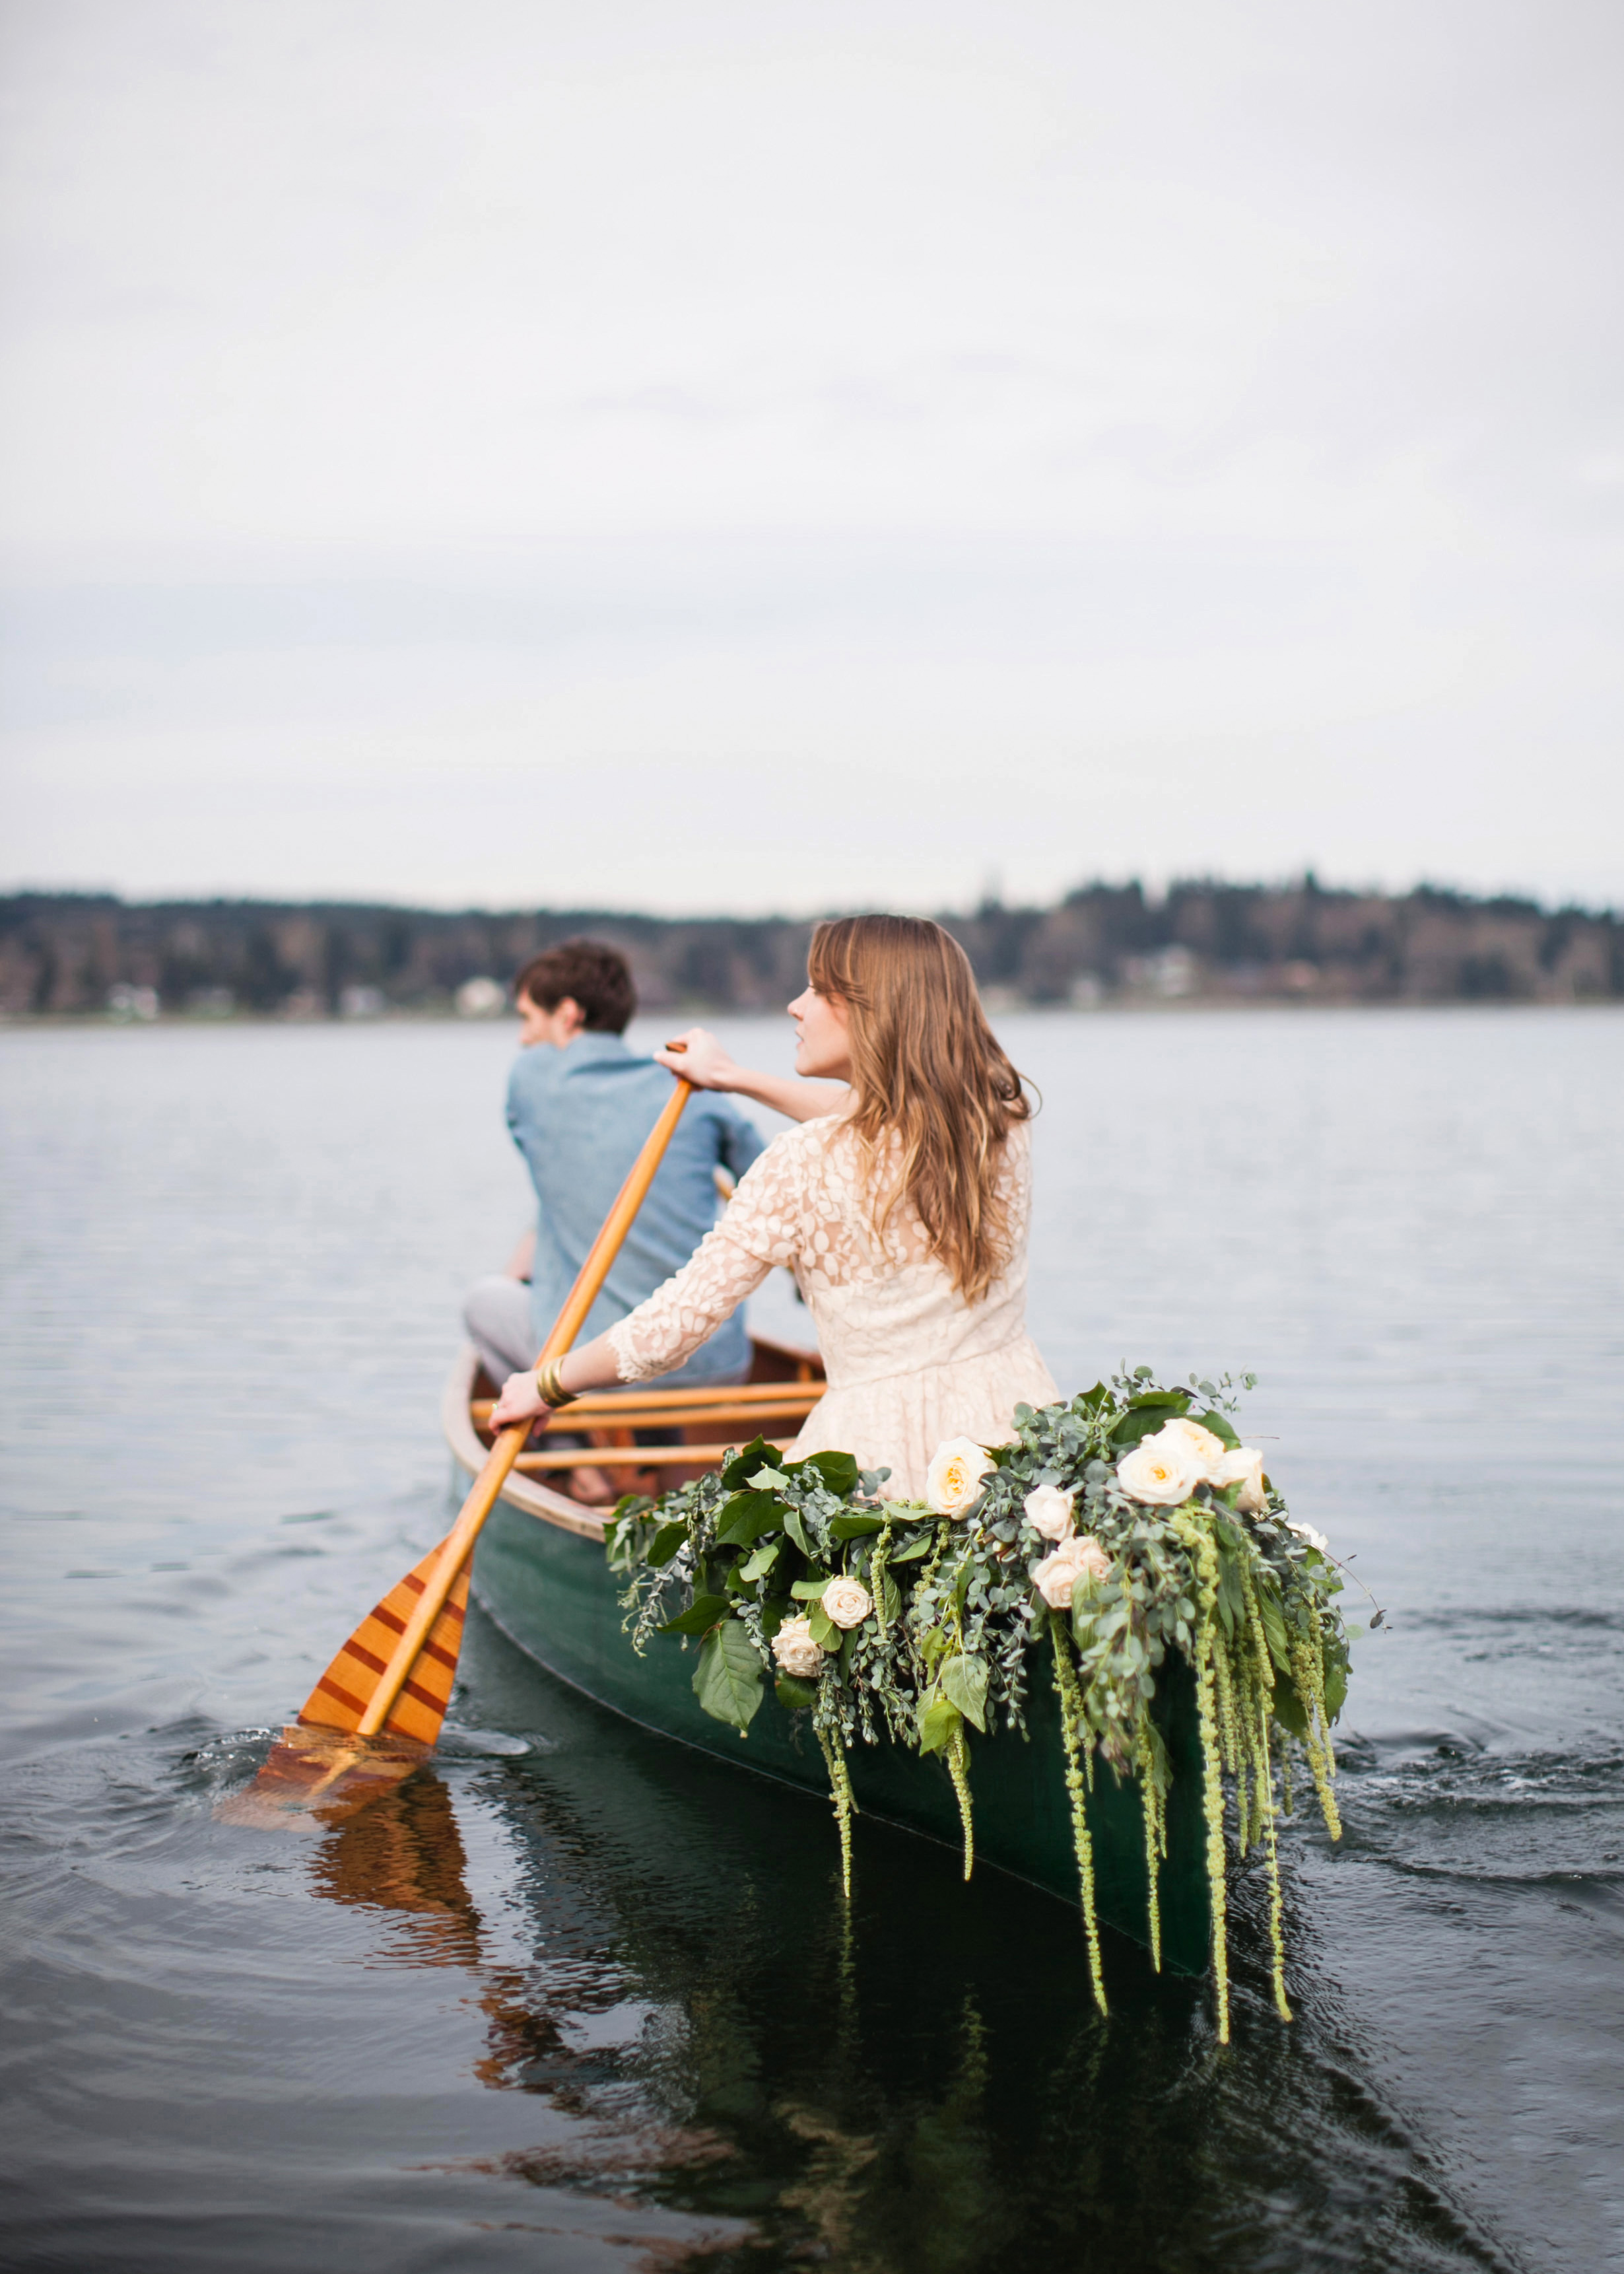 wedding exits canoe marissa maharaj